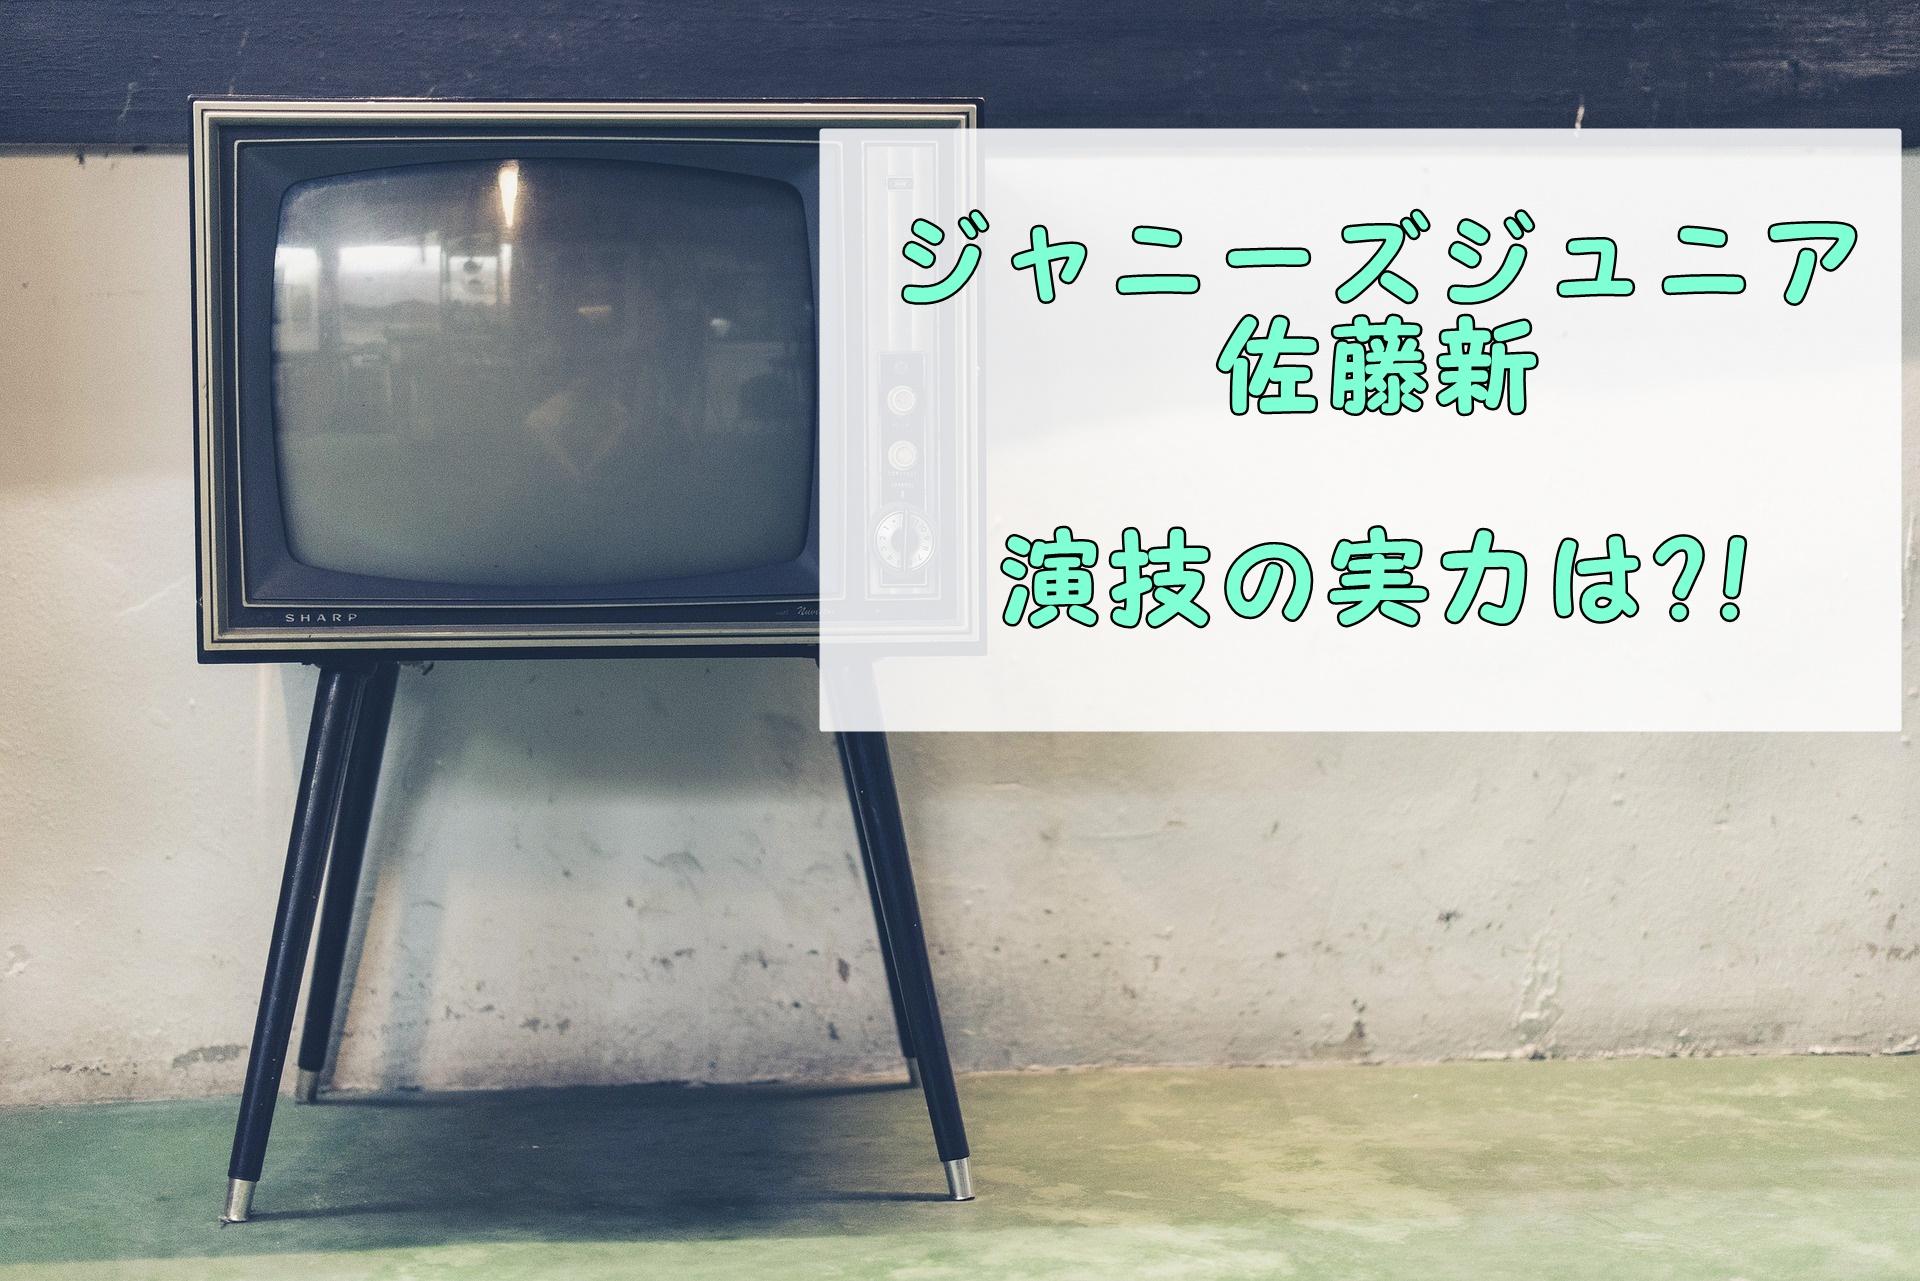 ジャニーズジュニア|佐藤新がドラマチートに出演!演技の実力は?